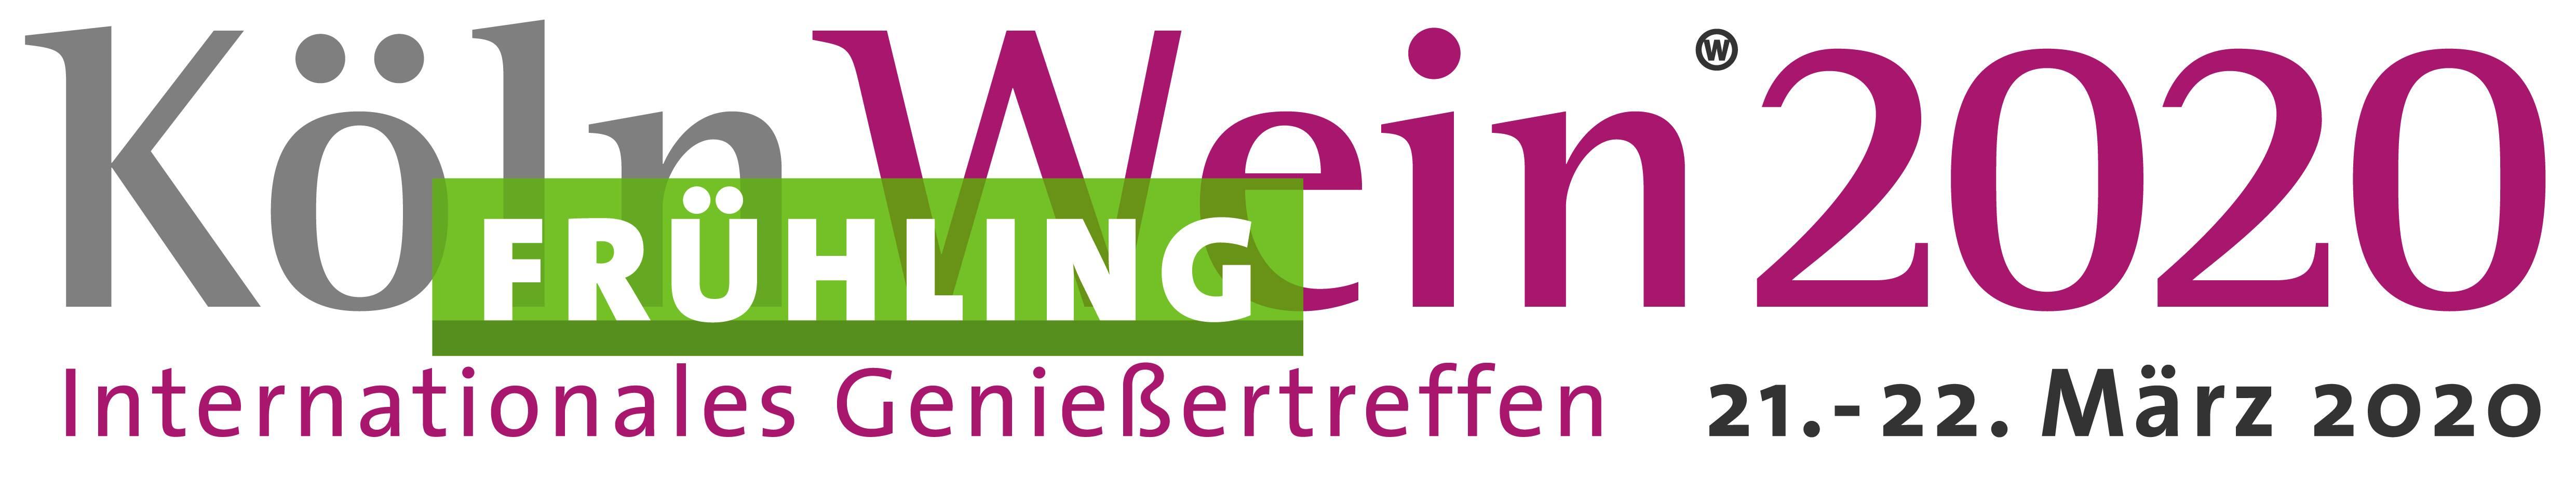 KölnWein Frühling Logo